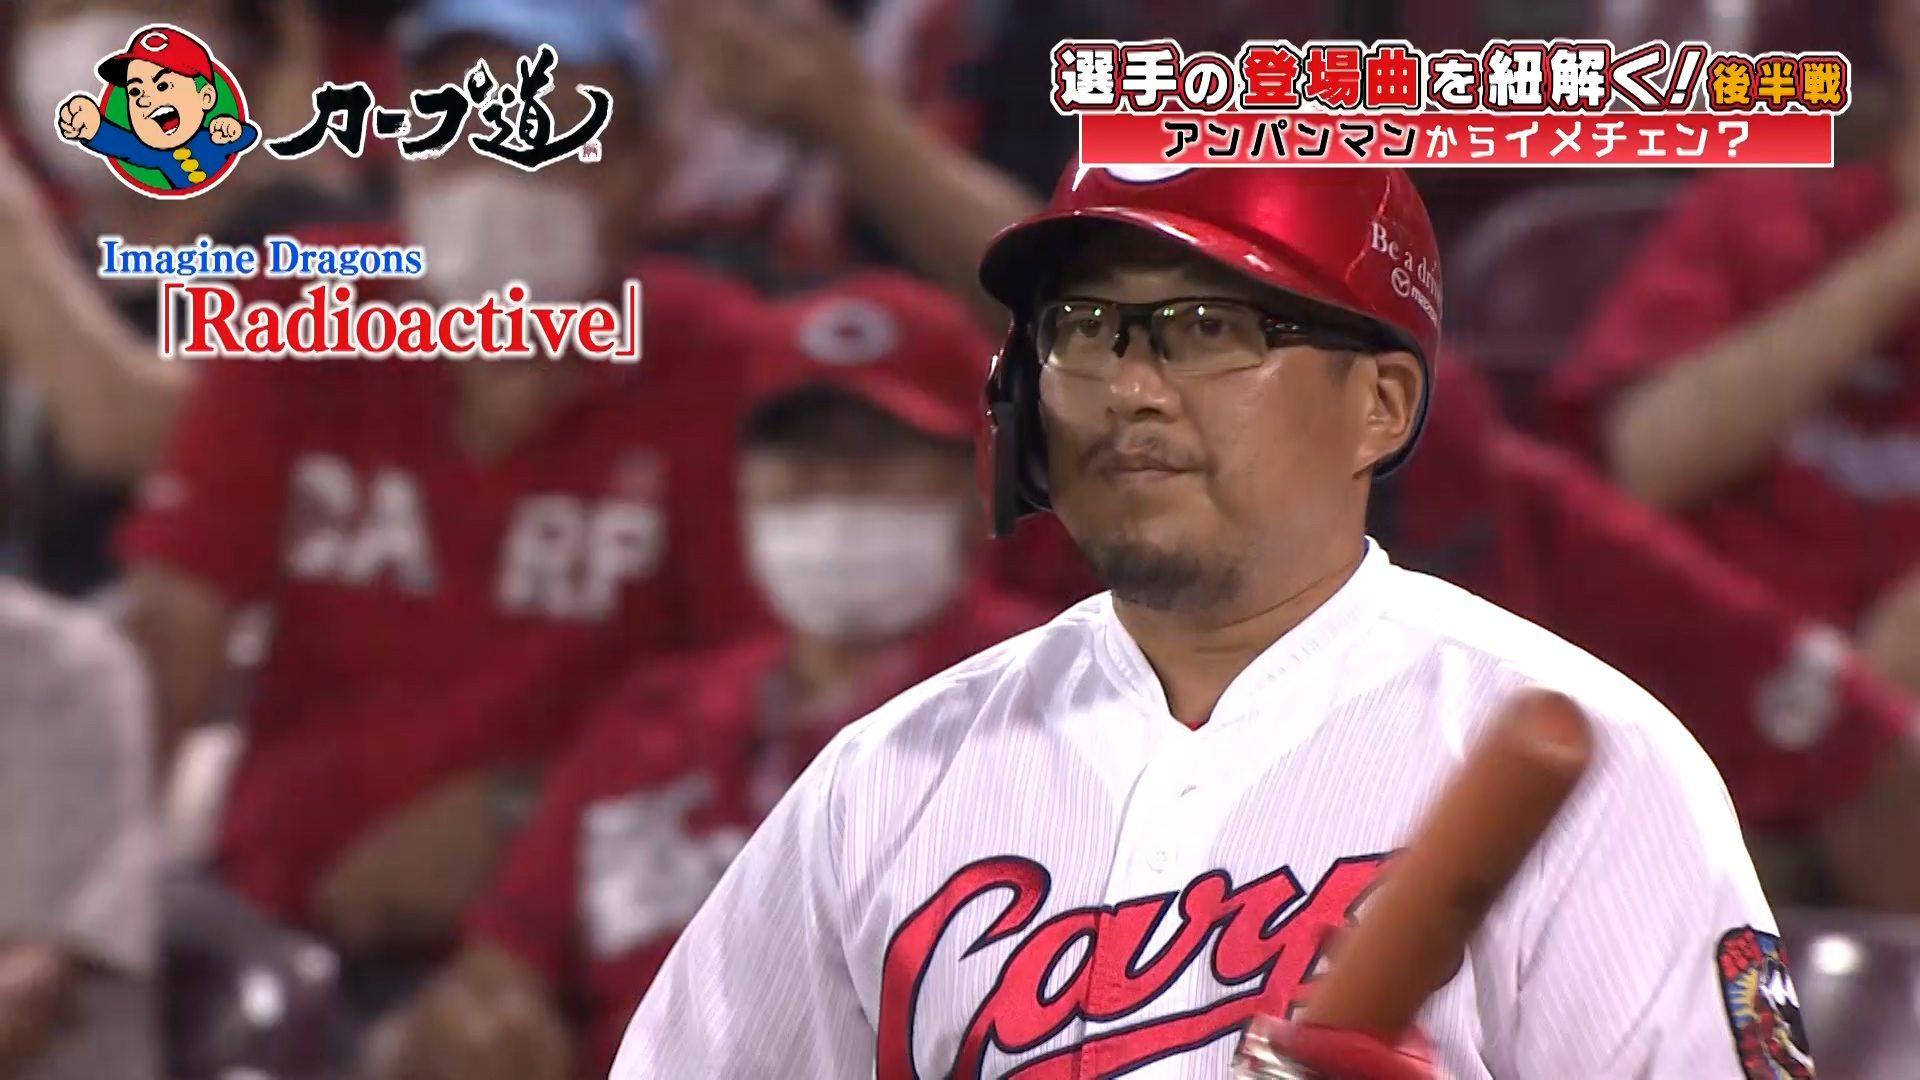 松山竜平選手